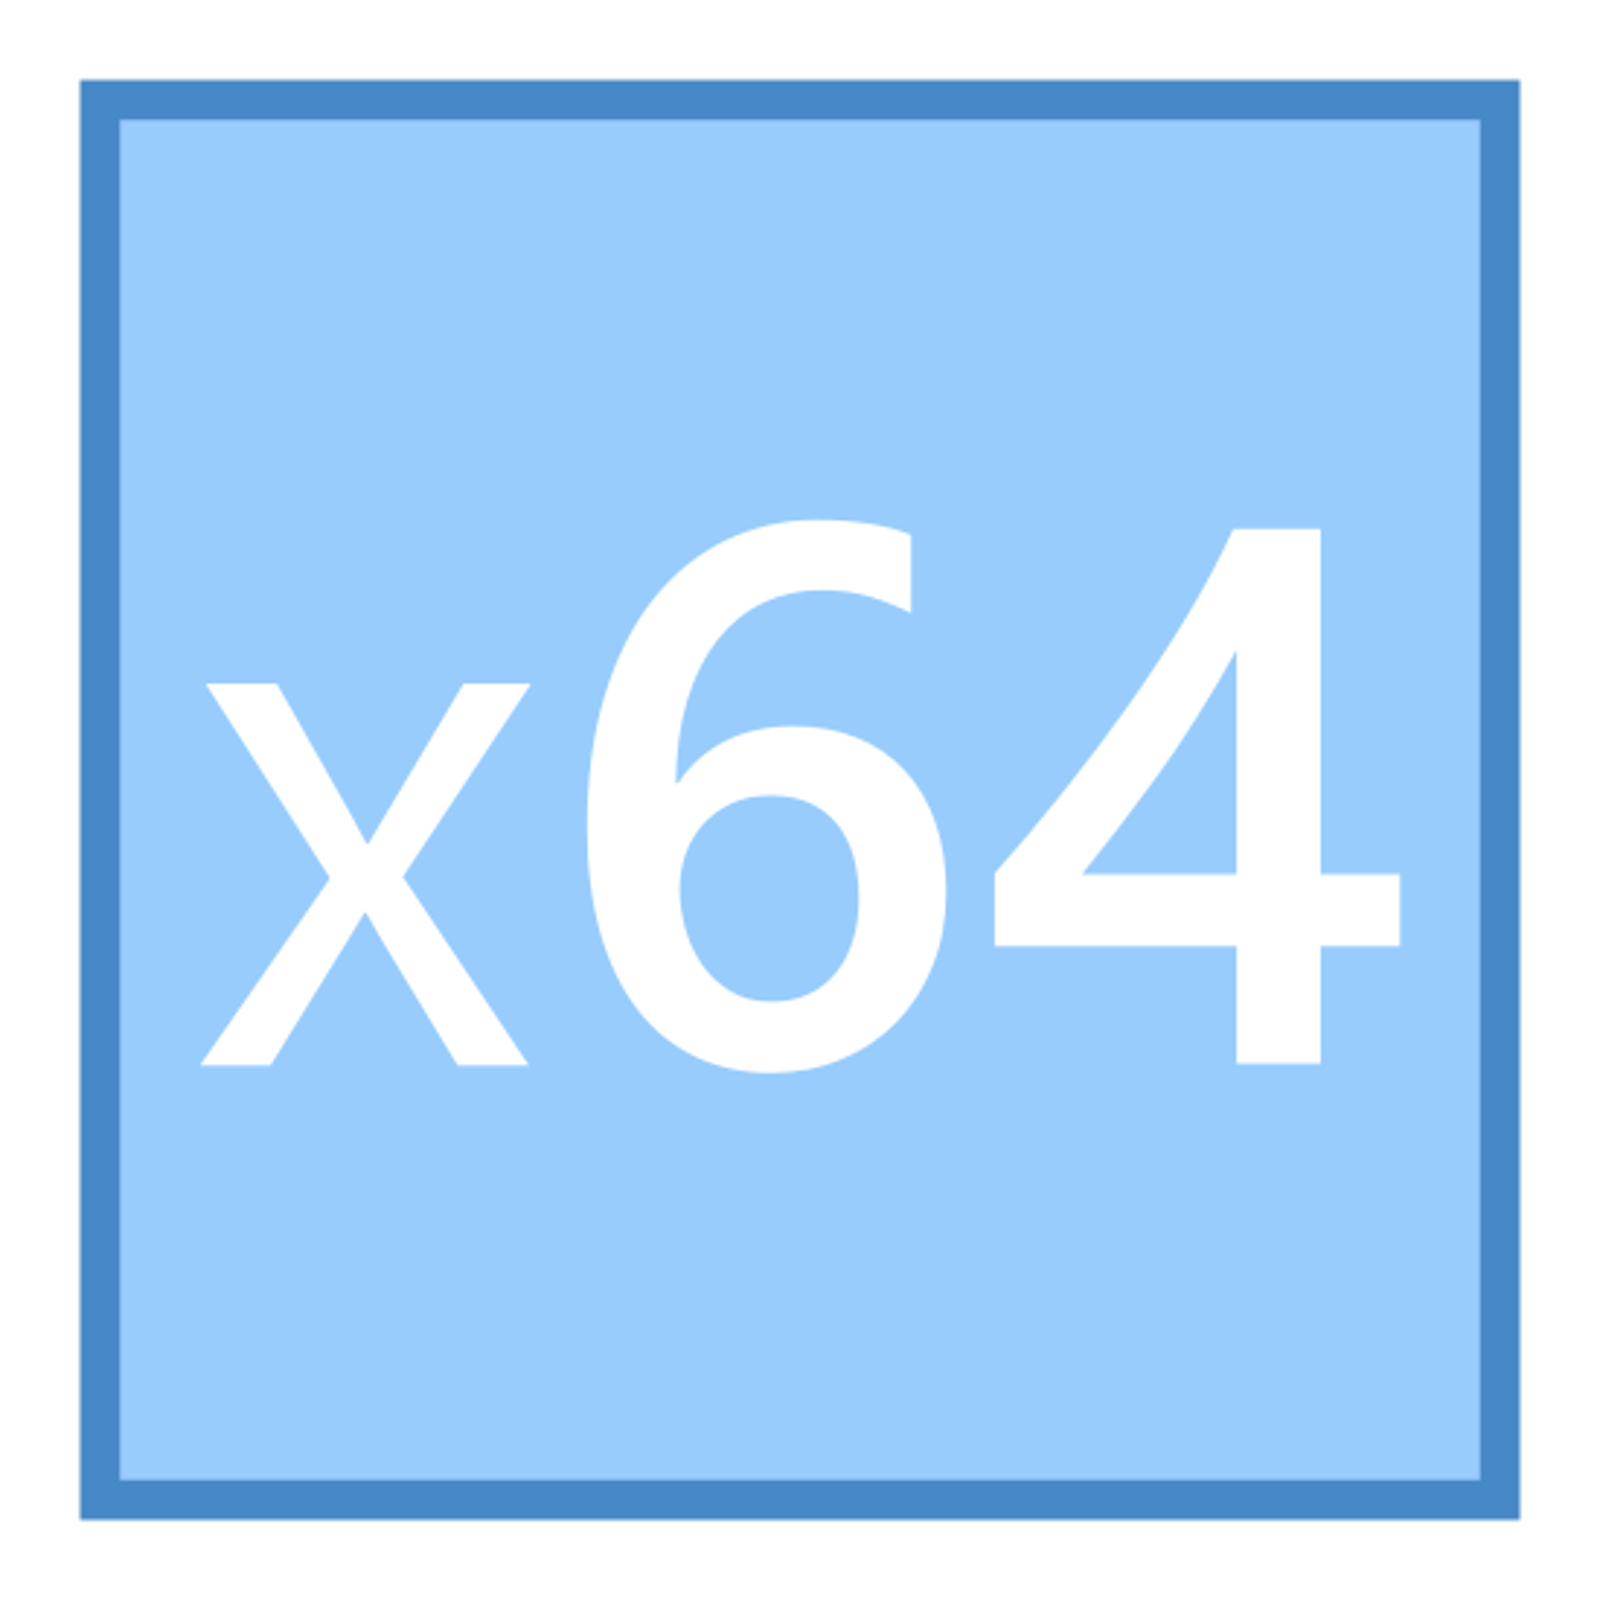 X64 icon